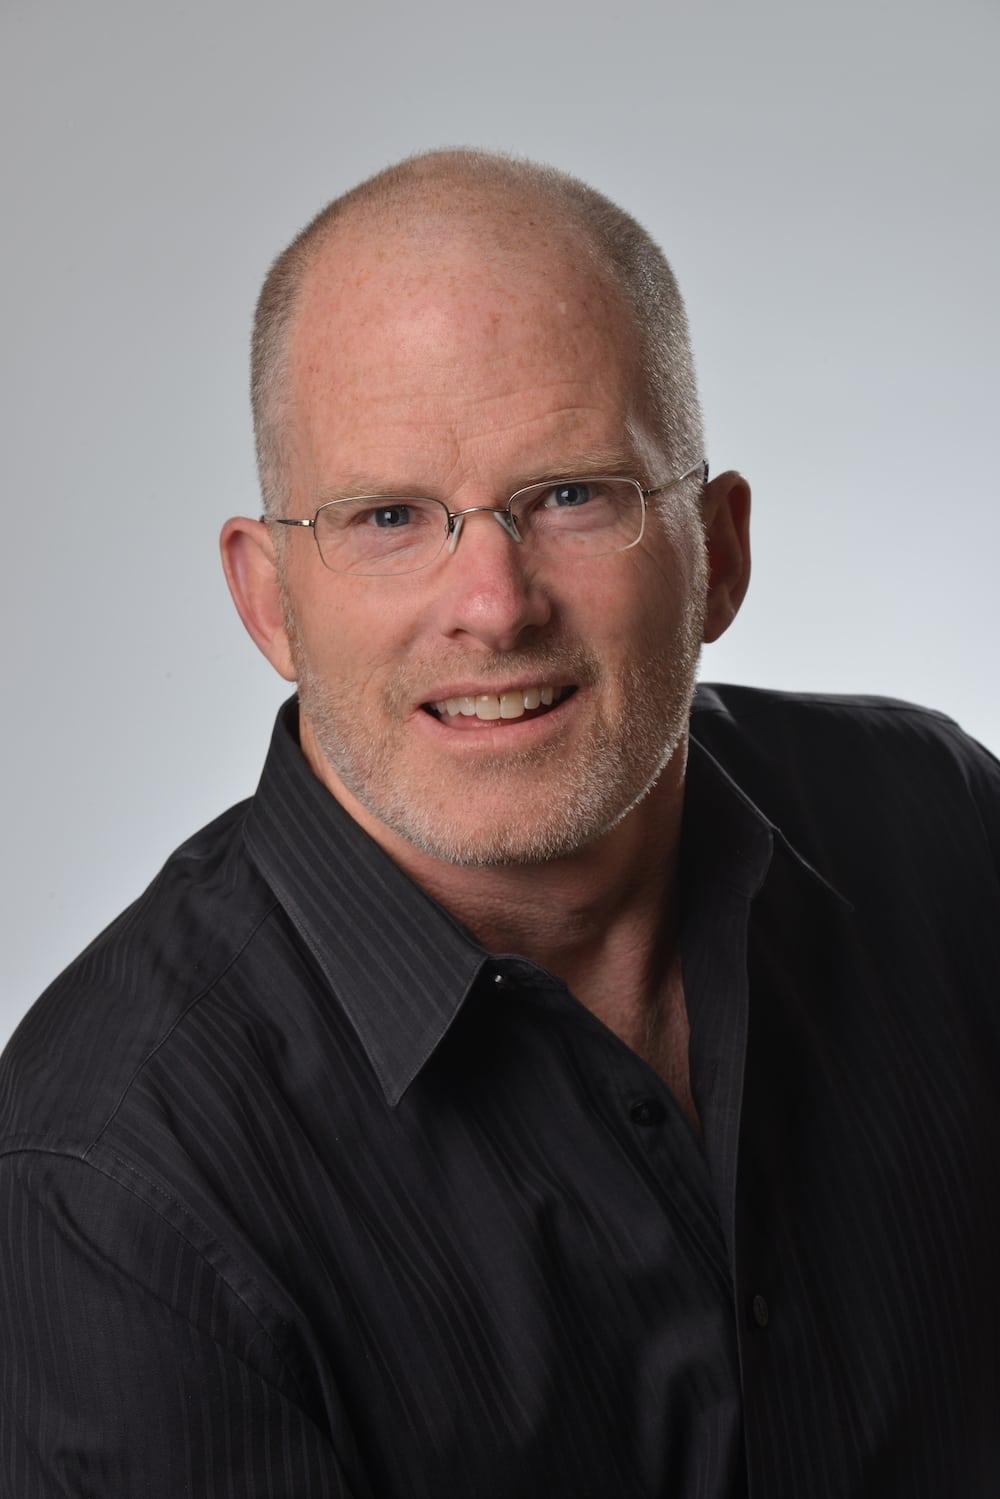 Jeffrey Magner